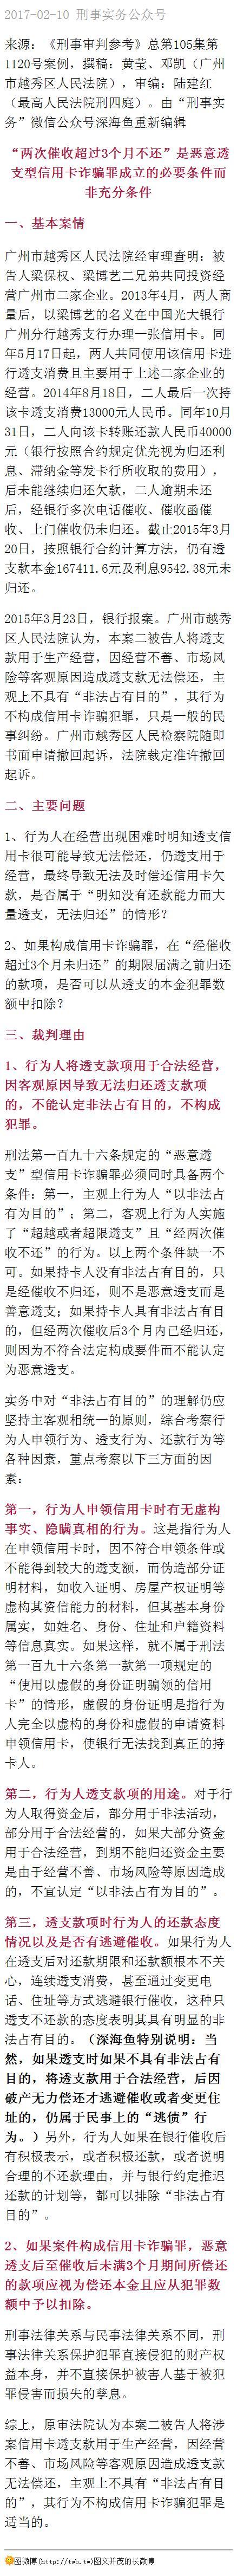 透支信用卡用于经营而无力偿还,属于民事纠纷不构成犯罪                编辑:Leo 来源:龙江检察 日期:2017-02-10